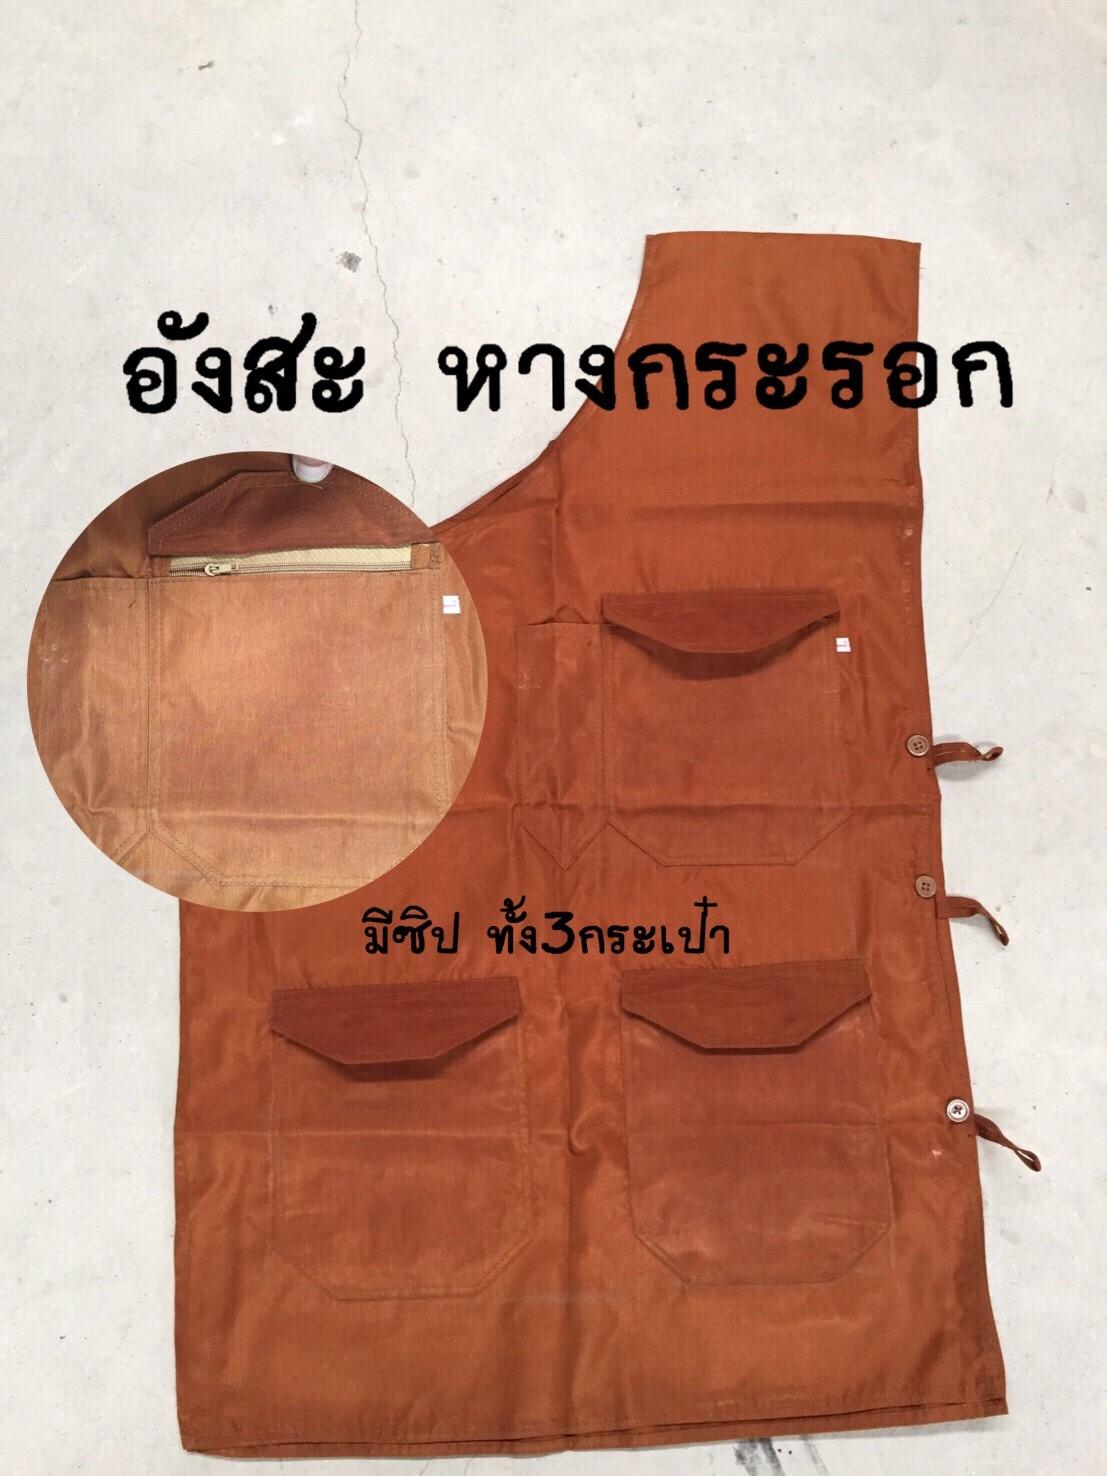 อังสะ หางกระรอก (4กระเป๋า) ซื้อแยก+10บ.